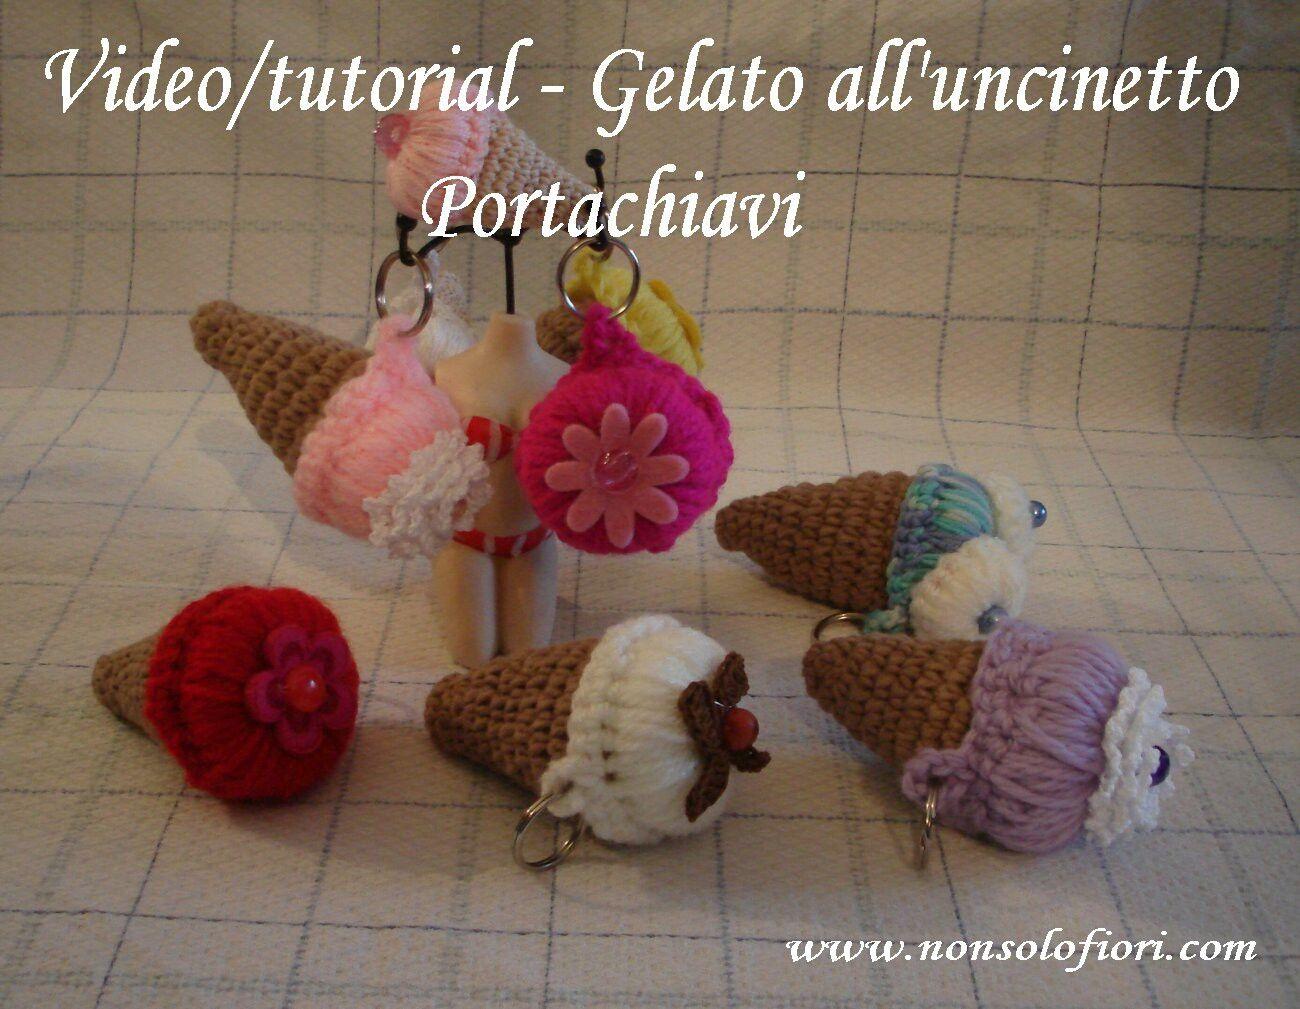 Gelati all'uncinetto (portachiavi) Se volete realizzarli anche voi, il link del mio video/tutorial è: https://youtu.be/ceC2DTfqgpA  www.nonsolofiori.com